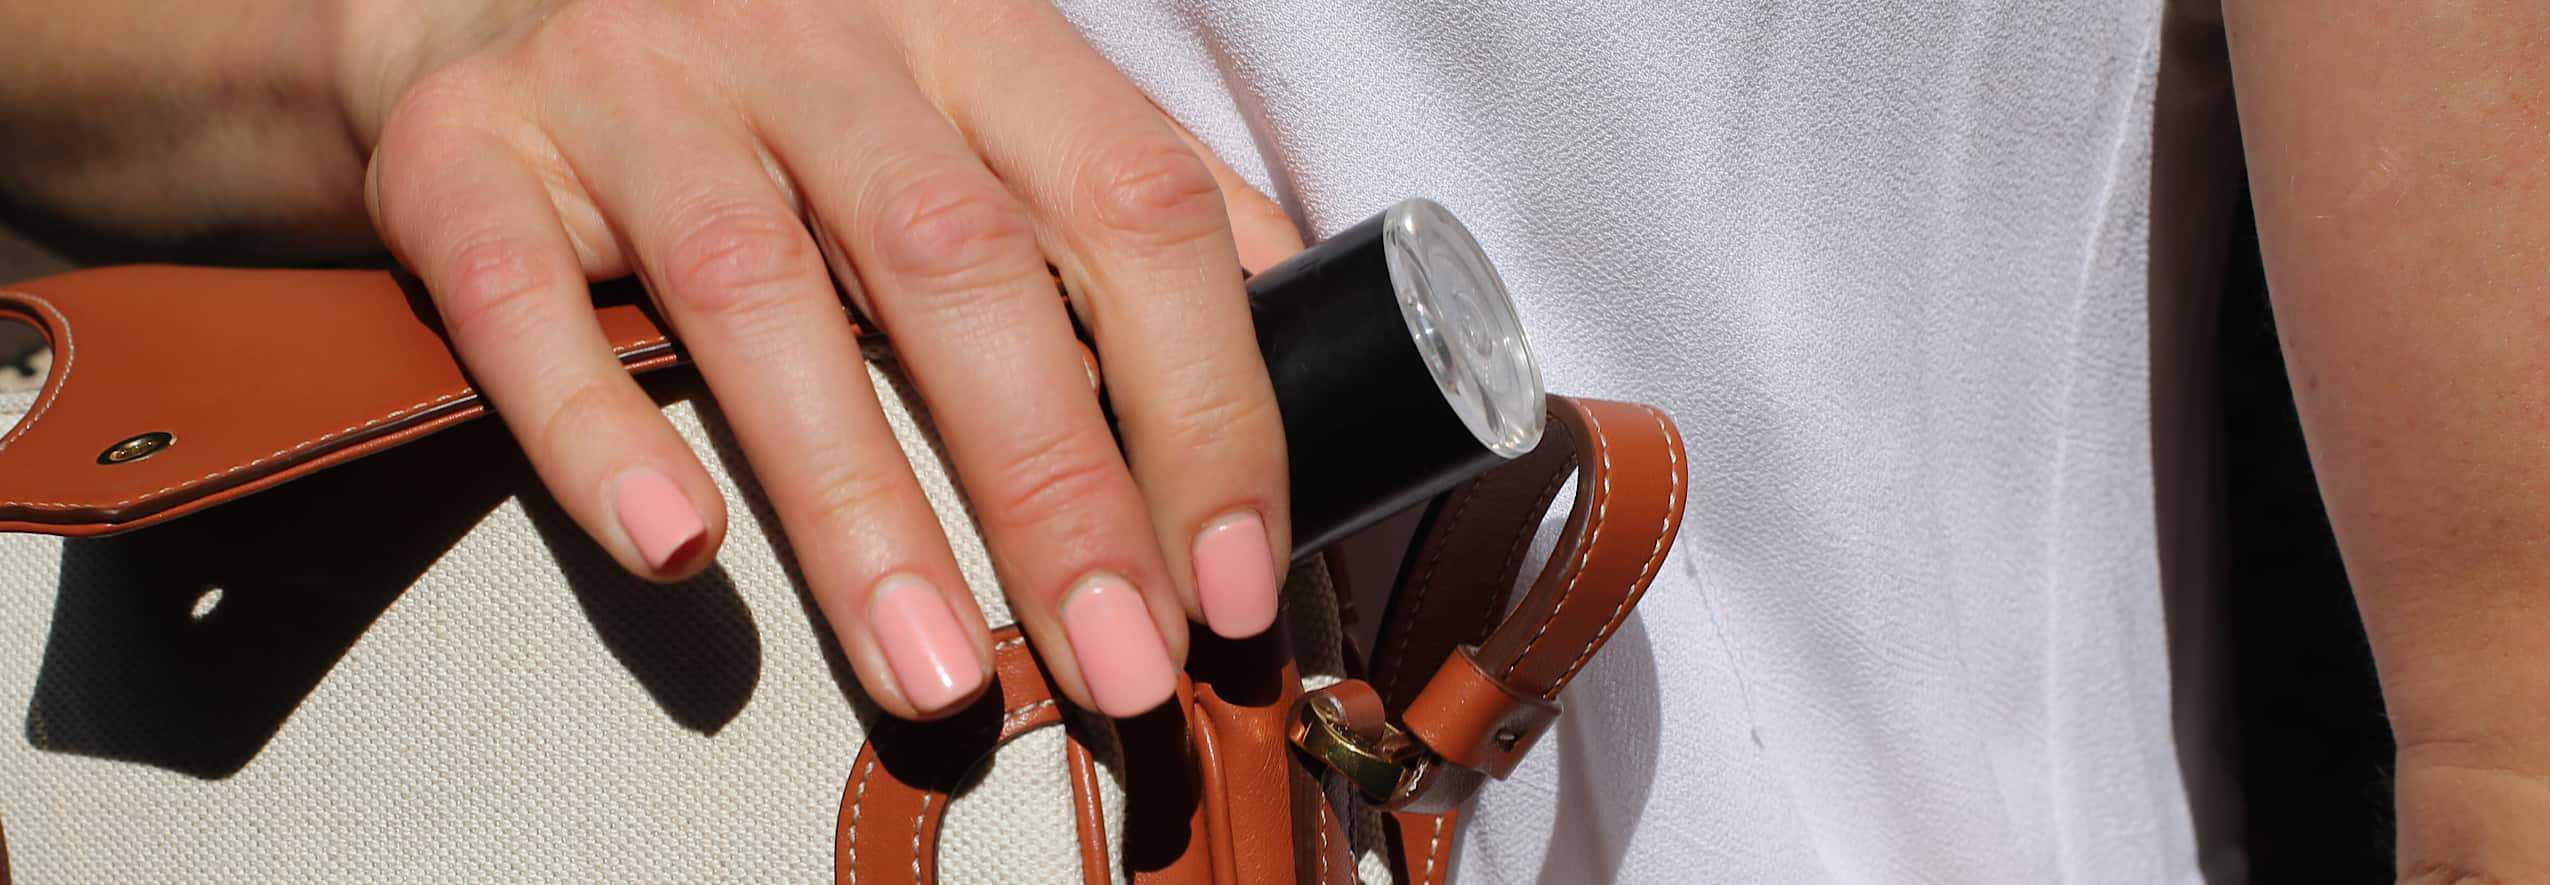 LYMA laser in handbag